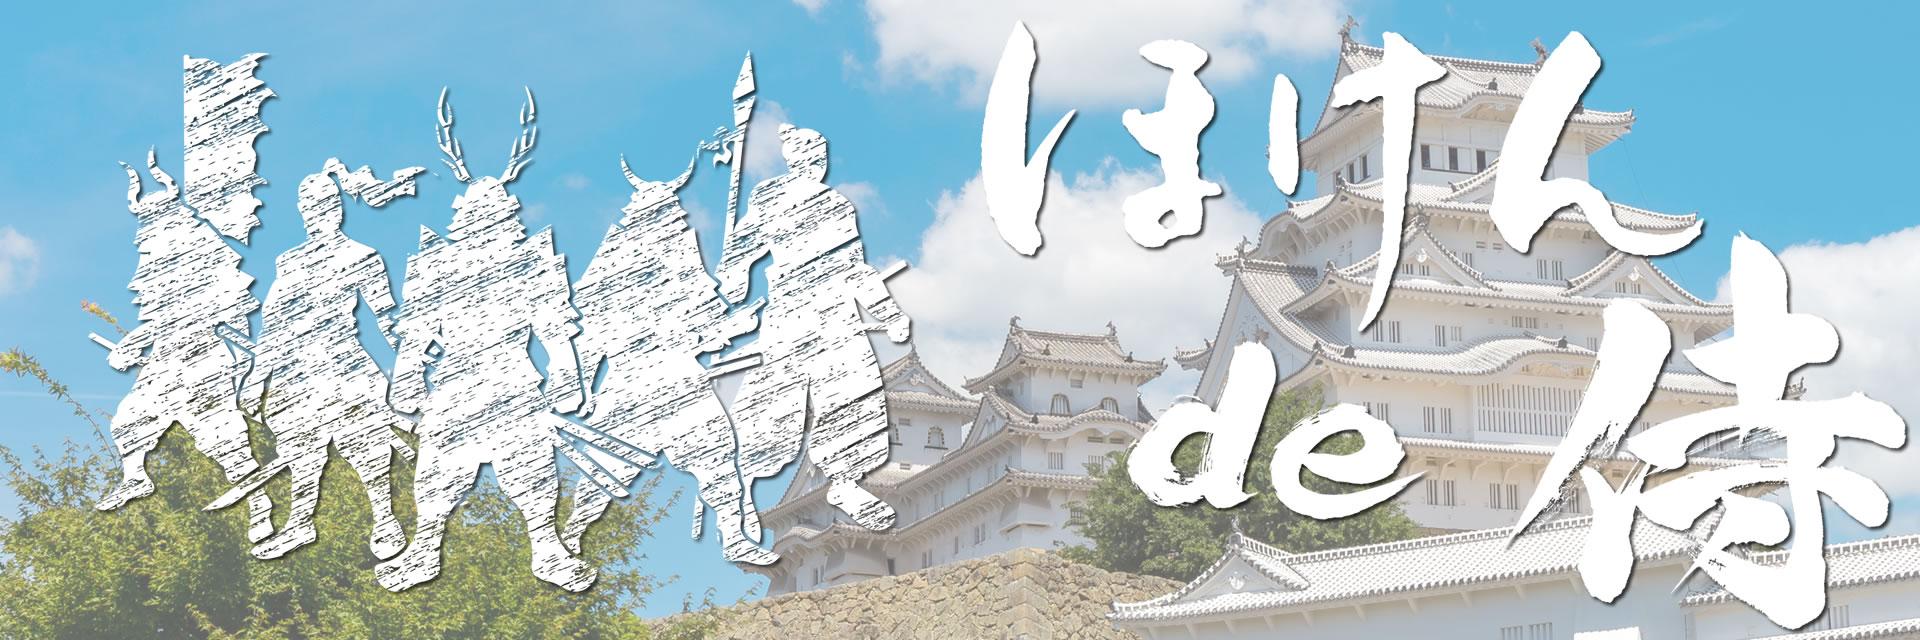 ほけん de 侍(ホケン デ サムライ、ホケン ドゥ サムライ)/損害保険・生命保険のご提案/兵庫県姫路市